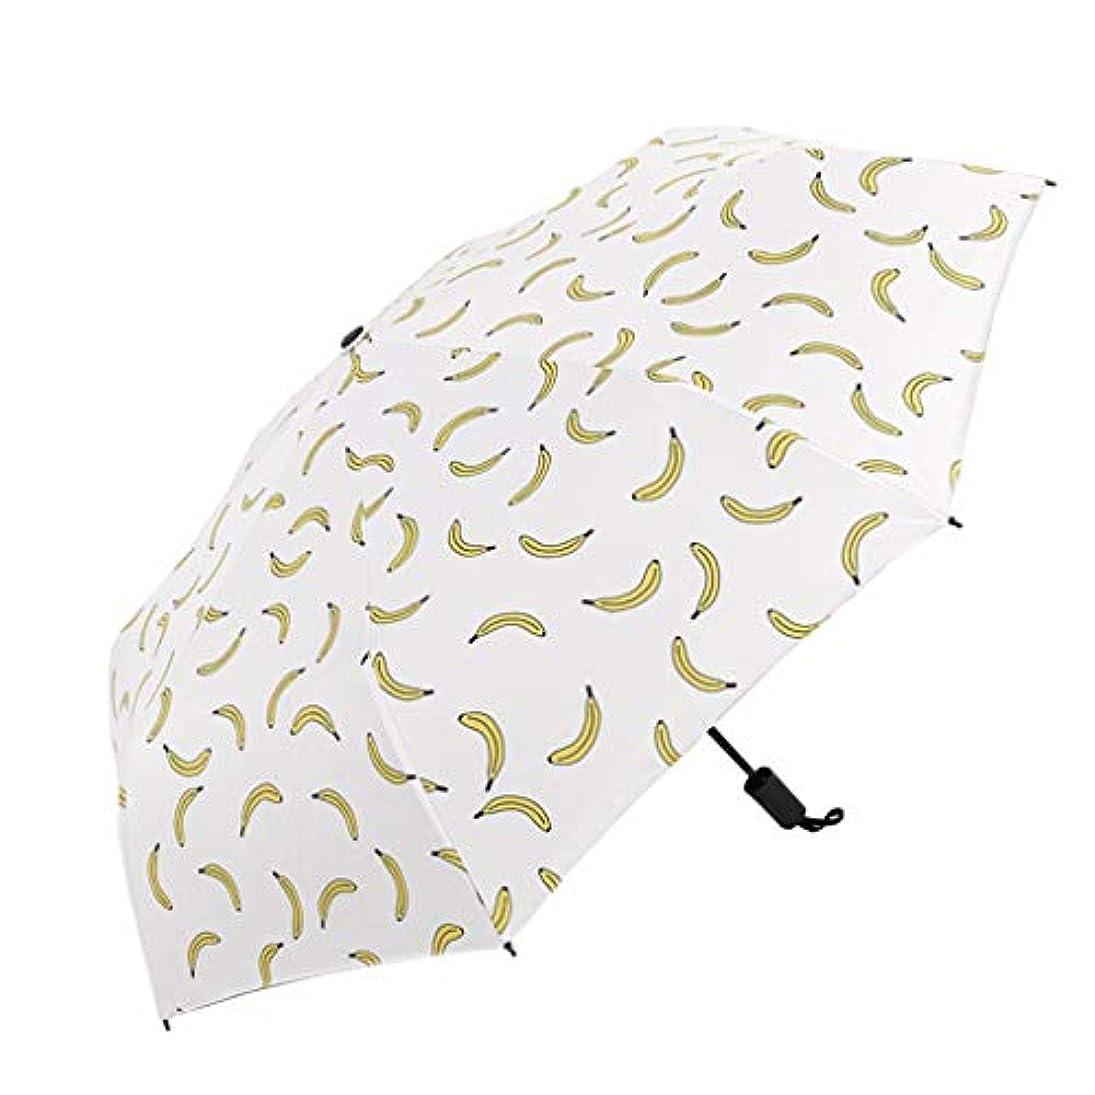 囲い隙間過半数傘、黒いガム、太陽の傘、抗紫外線、創造的な傘、傘から70パーセント、透明な傘。